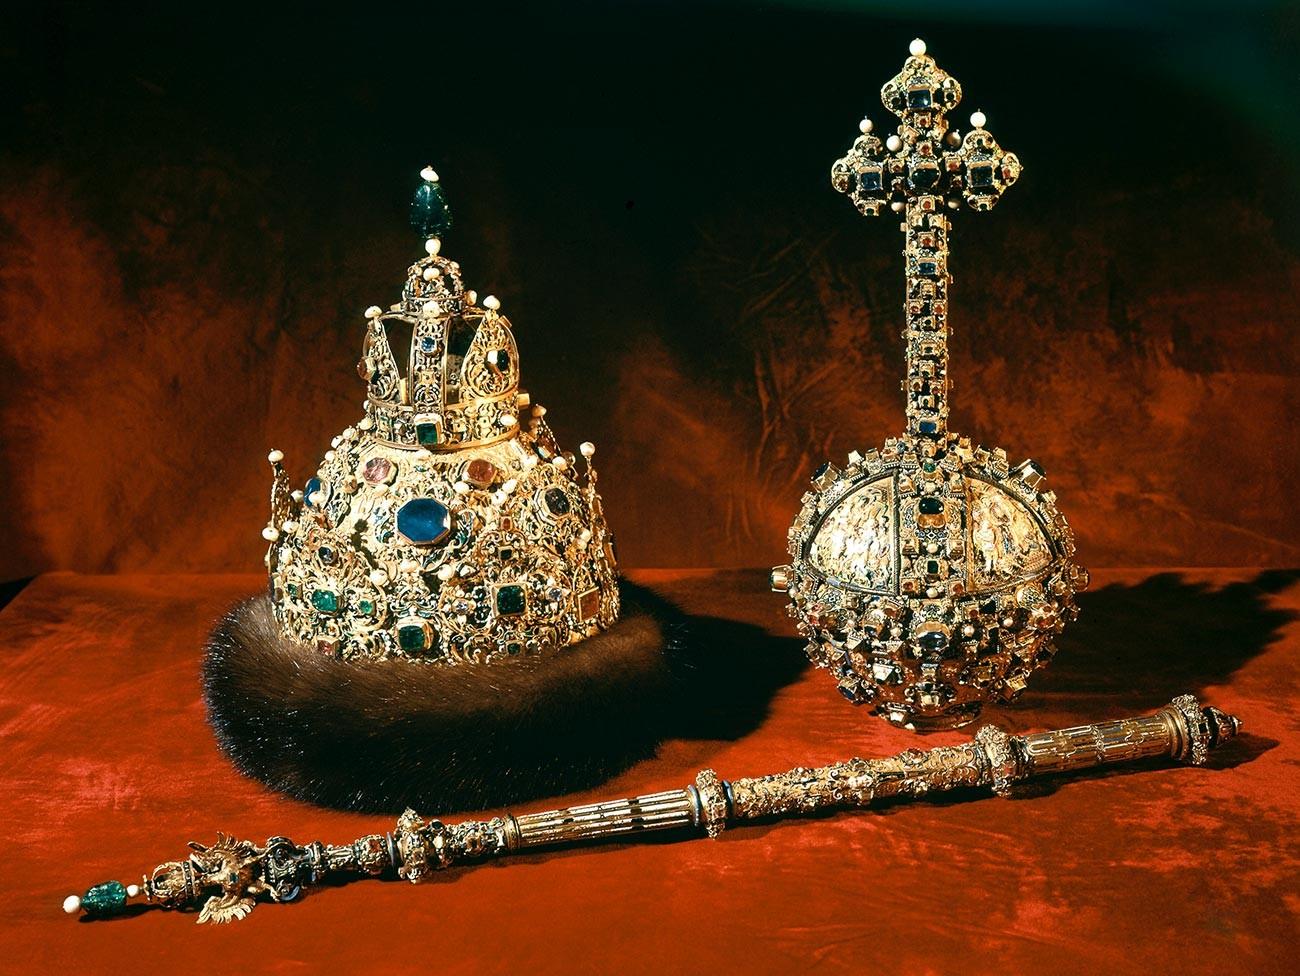 Couronne, sceptre et orbe du tsar Michel Ier. Palais des Armures du Kremlin de Moscou